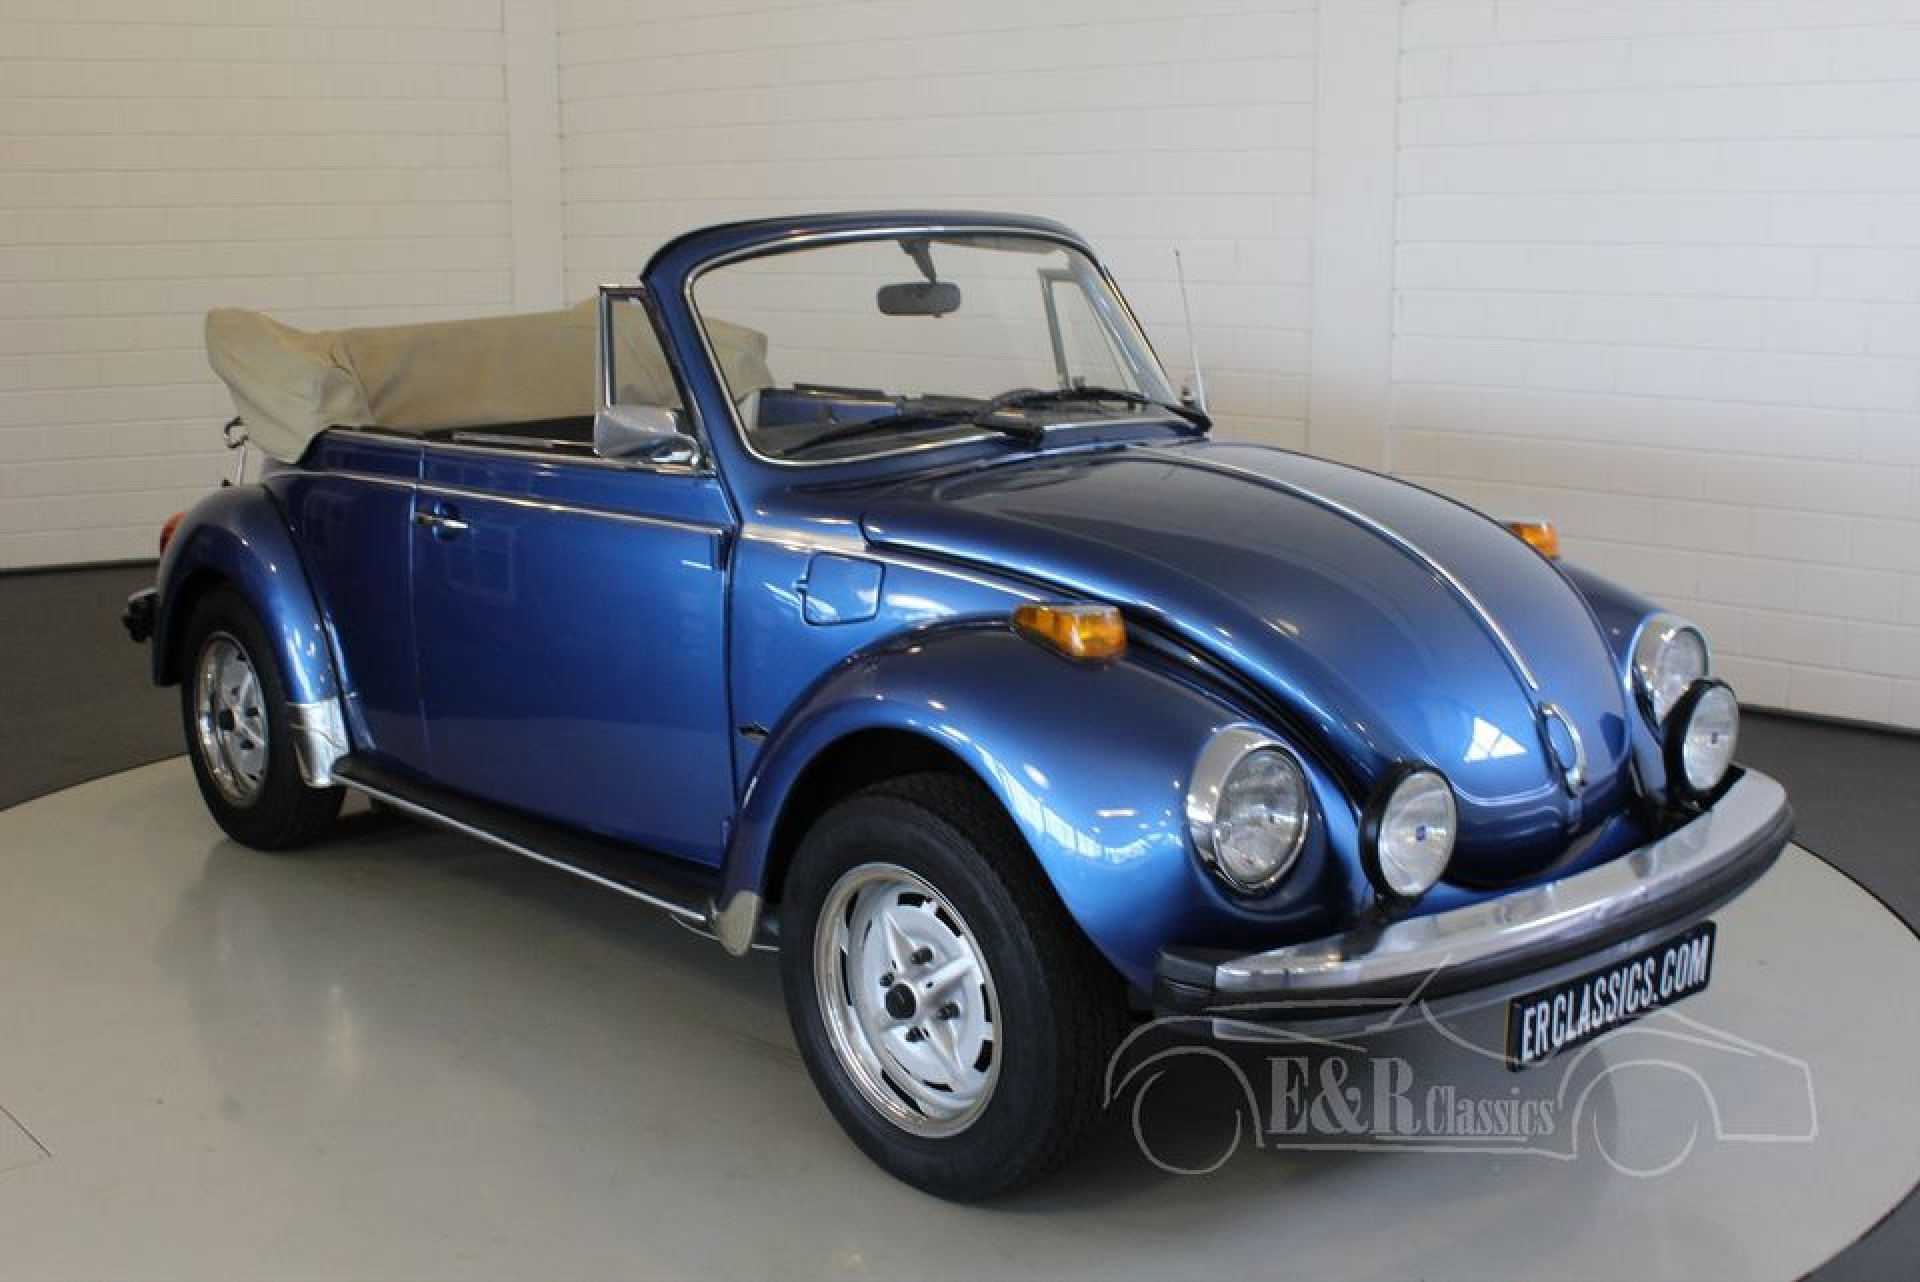 volkswagen beetle cabriolet 1978 for sale at erclassics. Black Bedroom Furniture Sets. Home Design Ideas